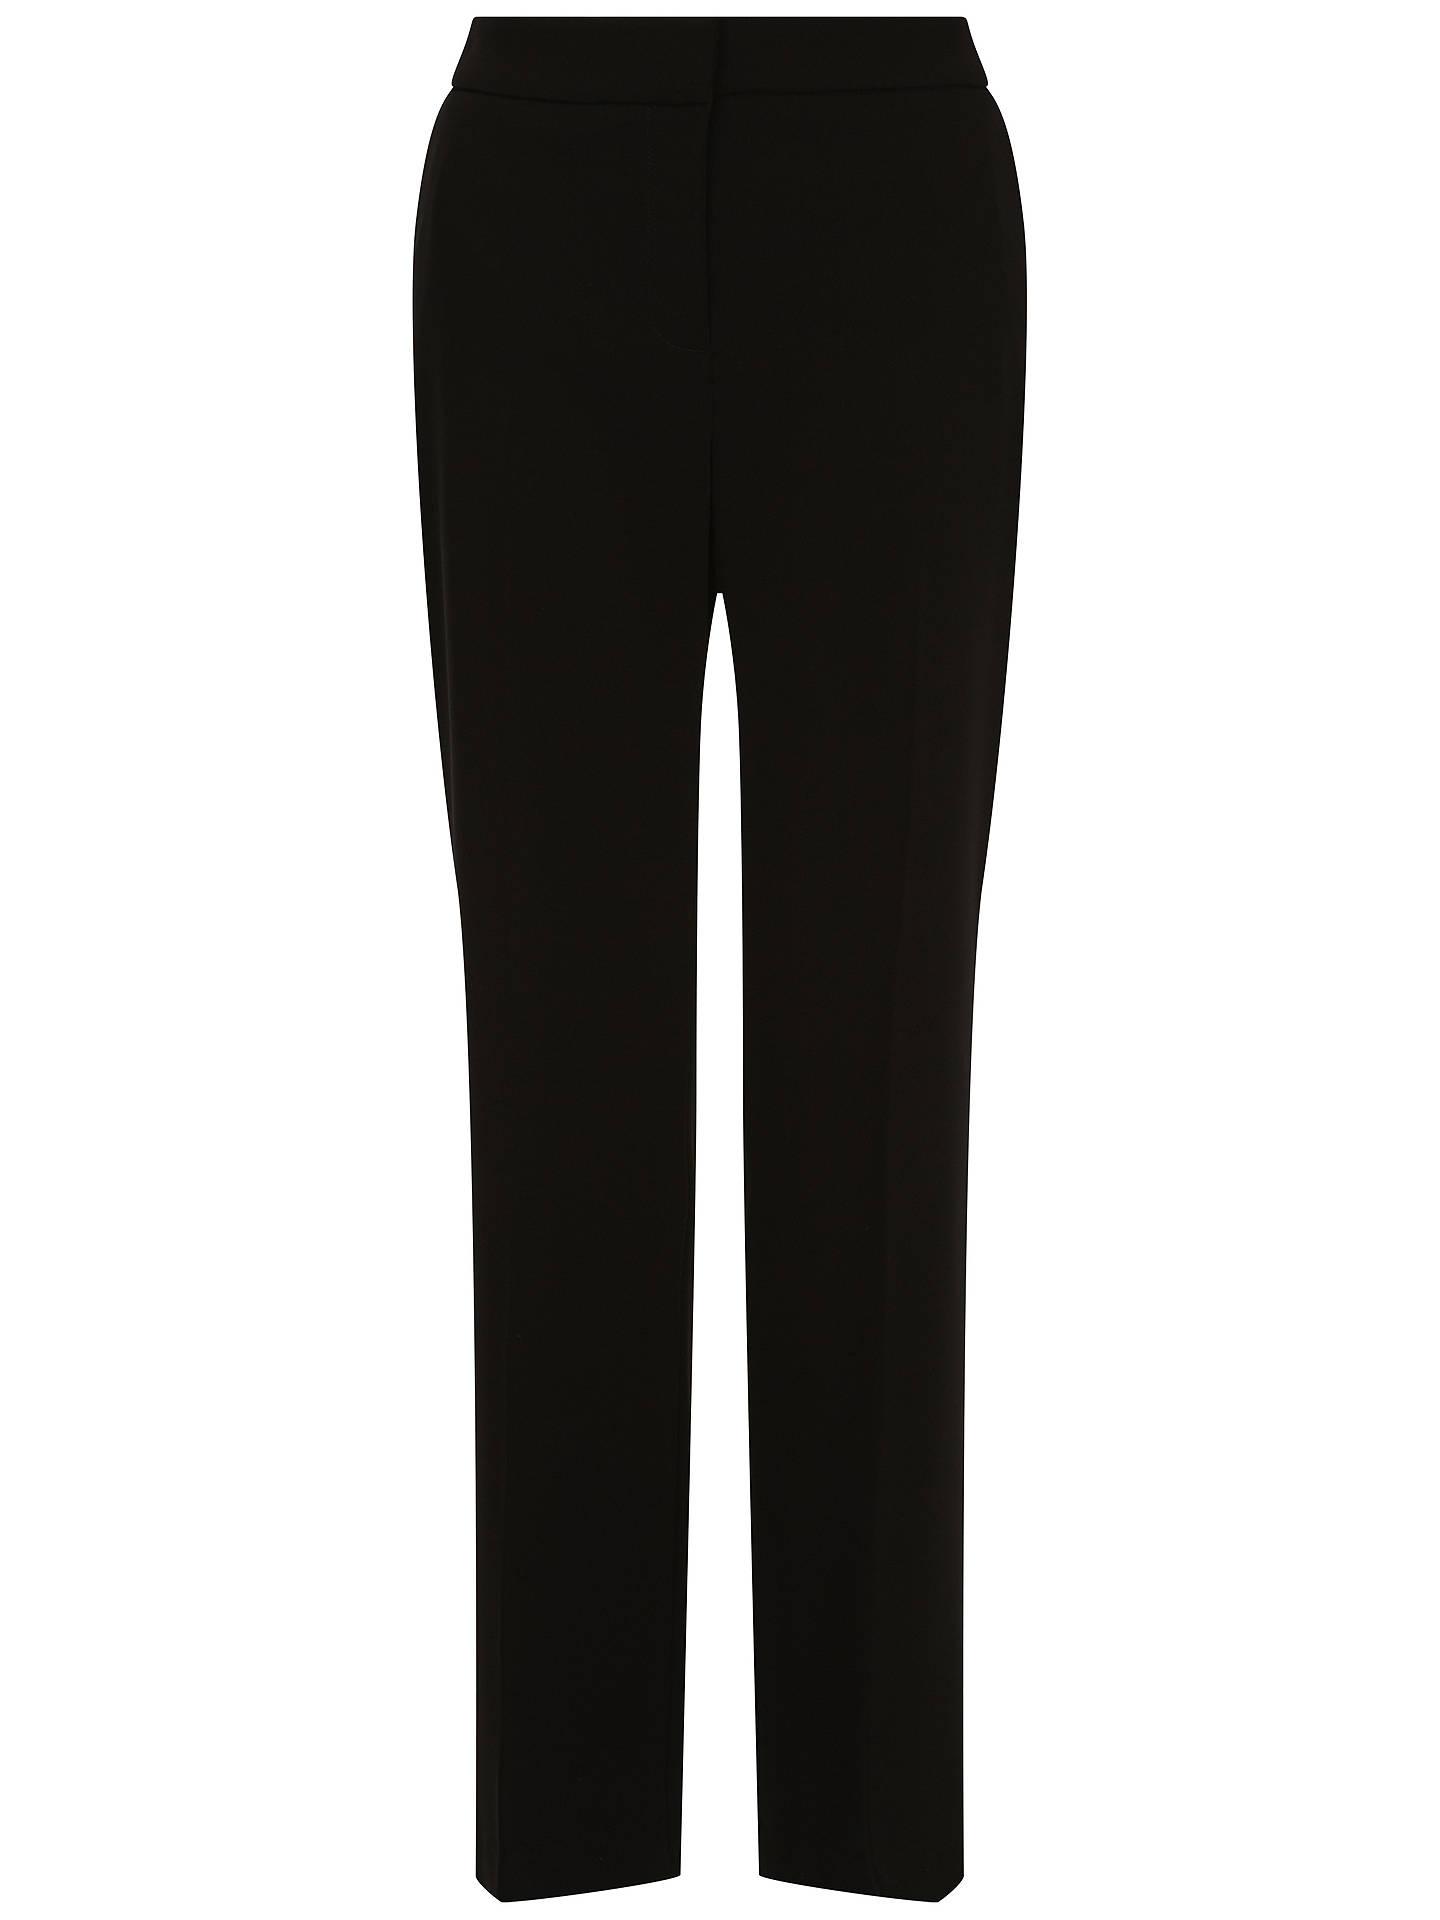 7b1f62e6033e ... Buy Fenn Wright Manson Petite Harper Trouser, Black, 8 Online at  johnlewis.com